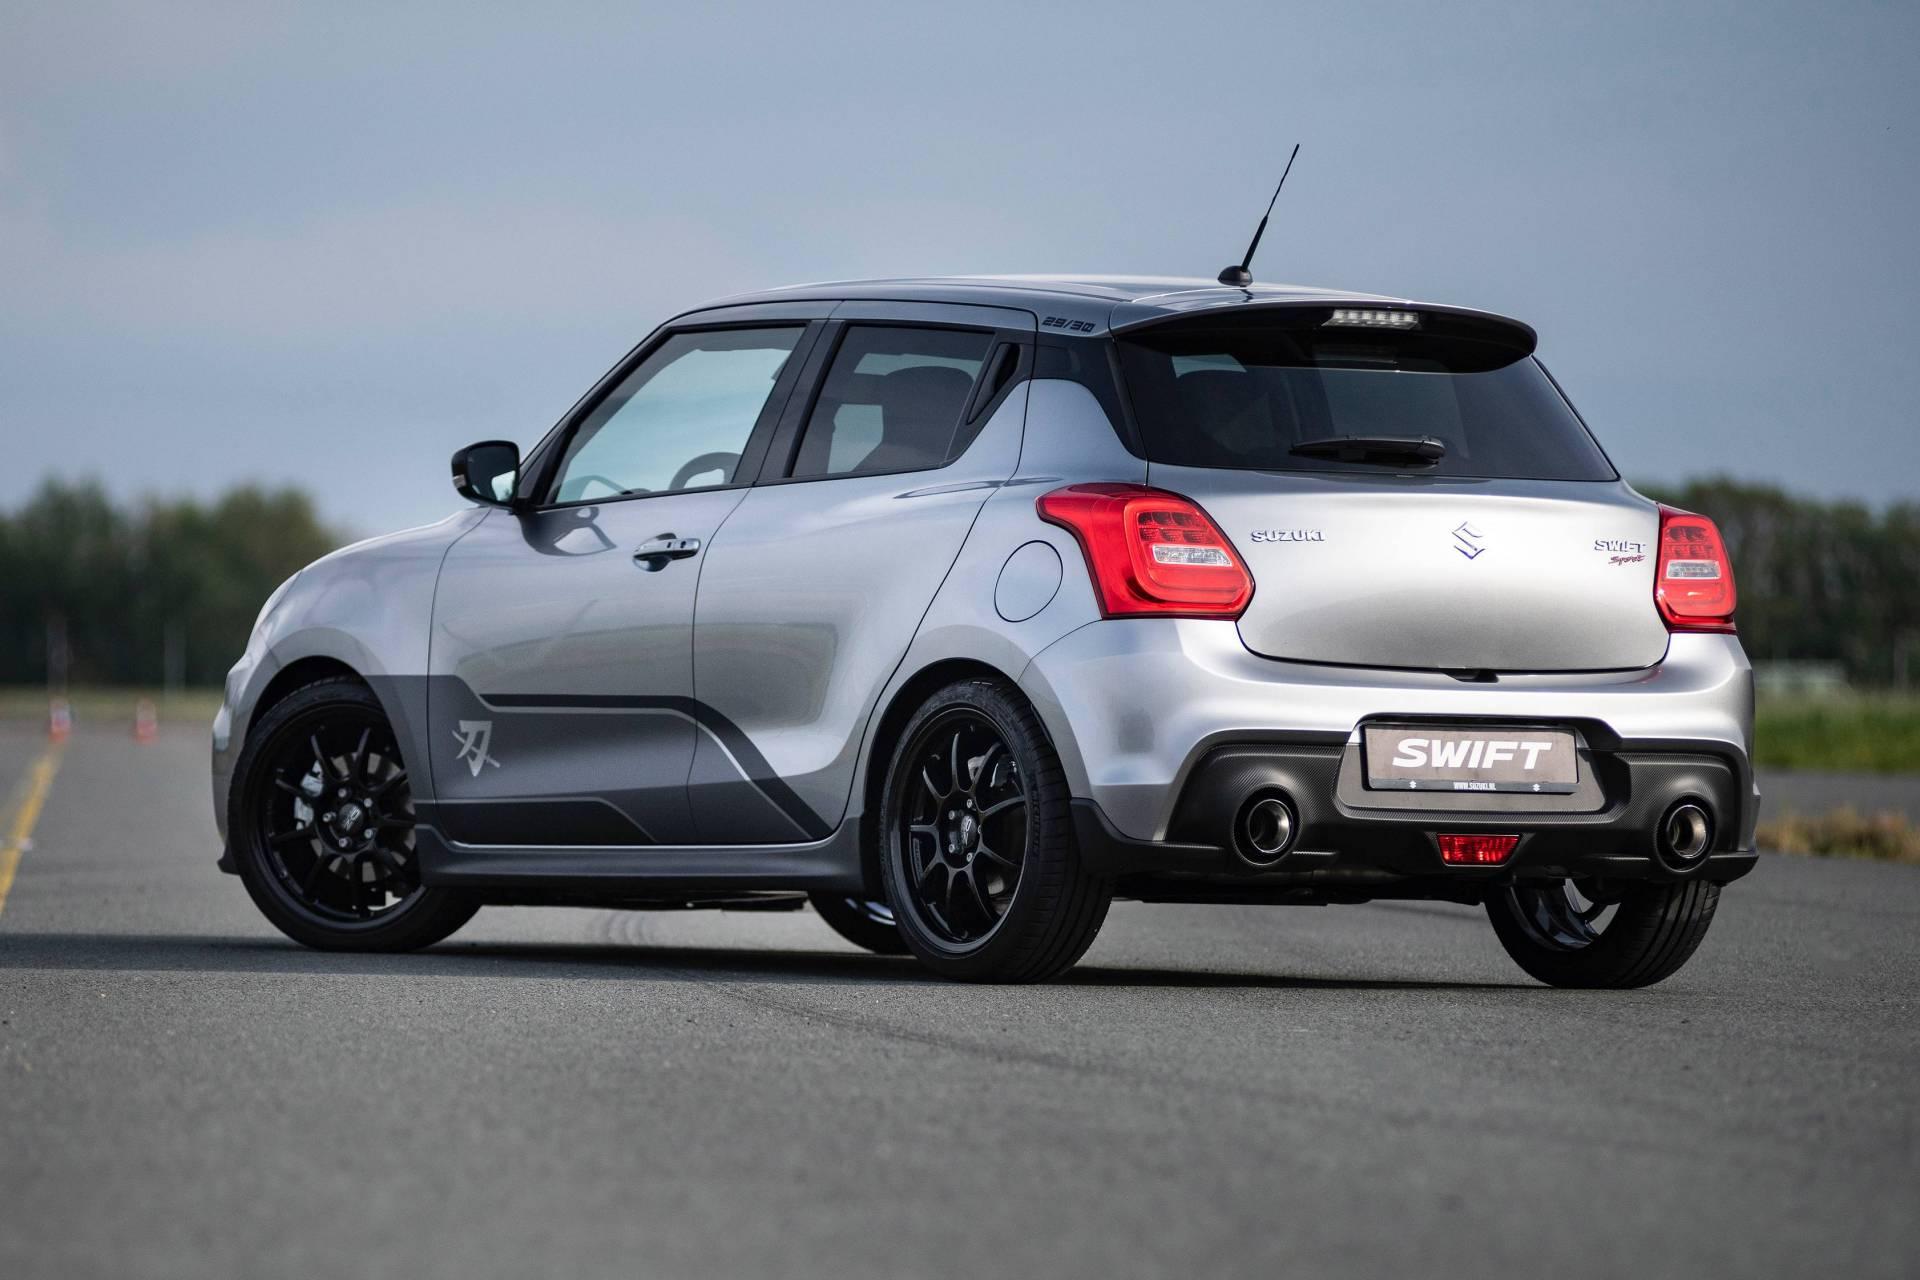 Suzuki Swift Sport >> Auto Joka On Kunnianosoitus Moottoripyoralle Suzuki